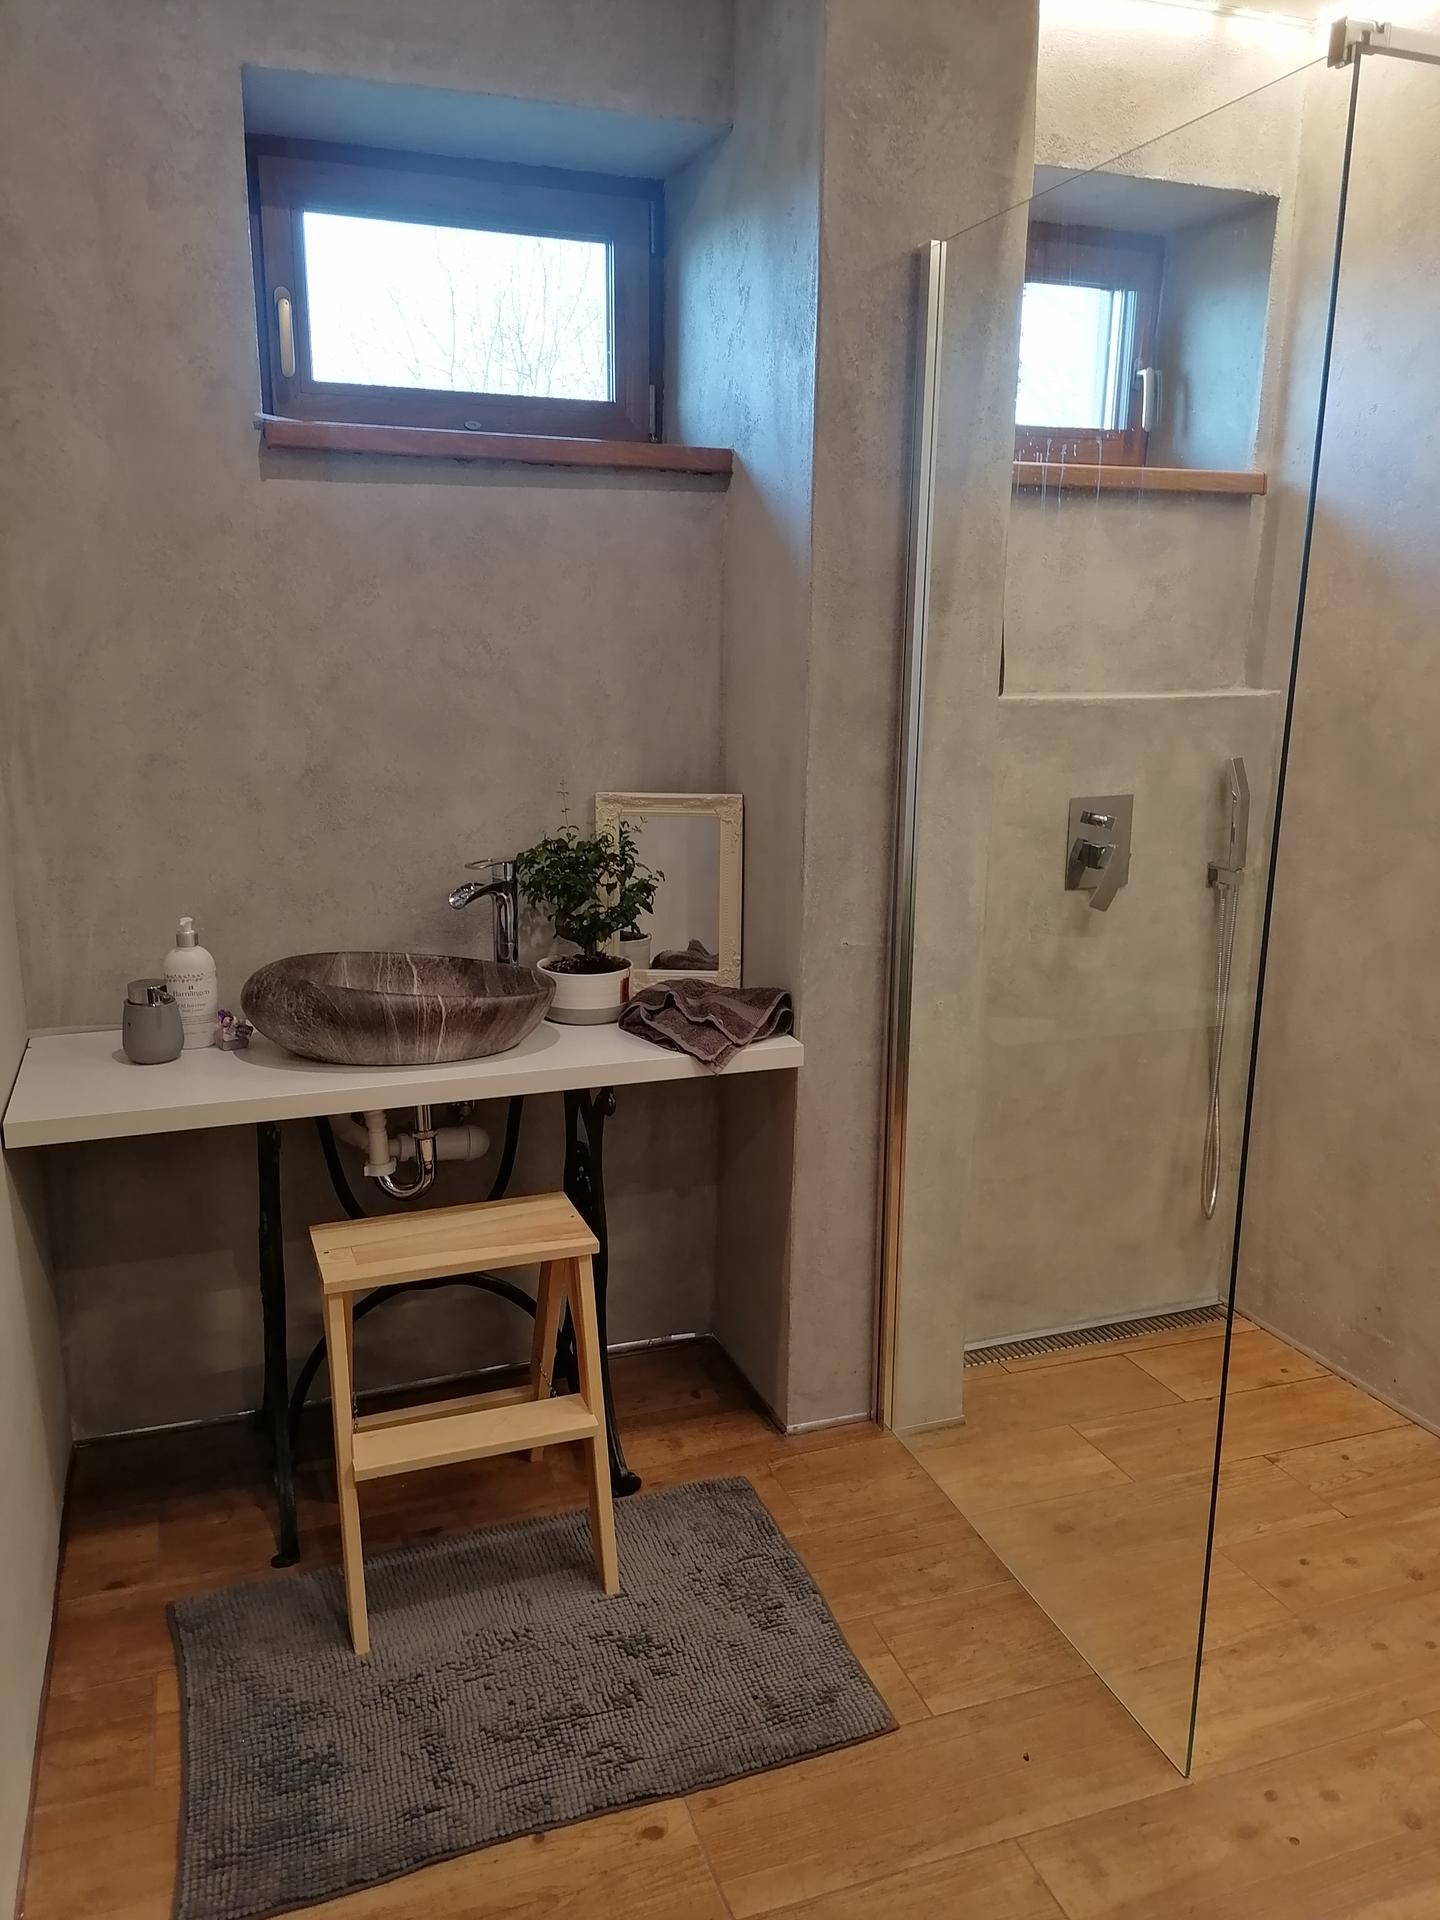 Náš český farmhouse ❤️ - Spodní koupelna v procesu. Umyvadlová deska jen provizorní, bude z ořechového dřeva.